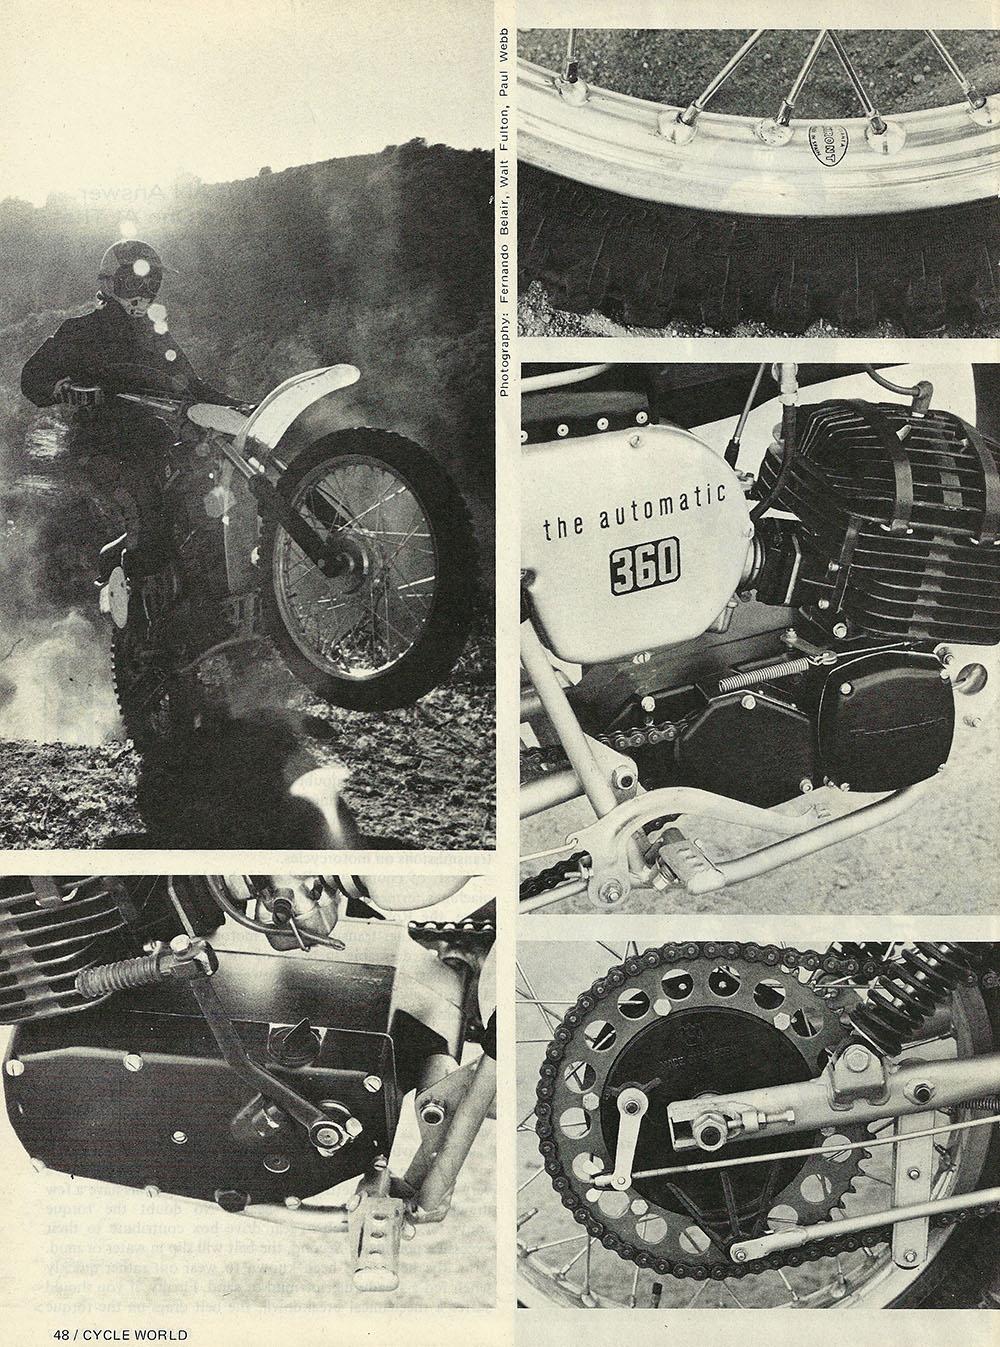 1976 Husqvarna 360 Auto road test 03.jpg